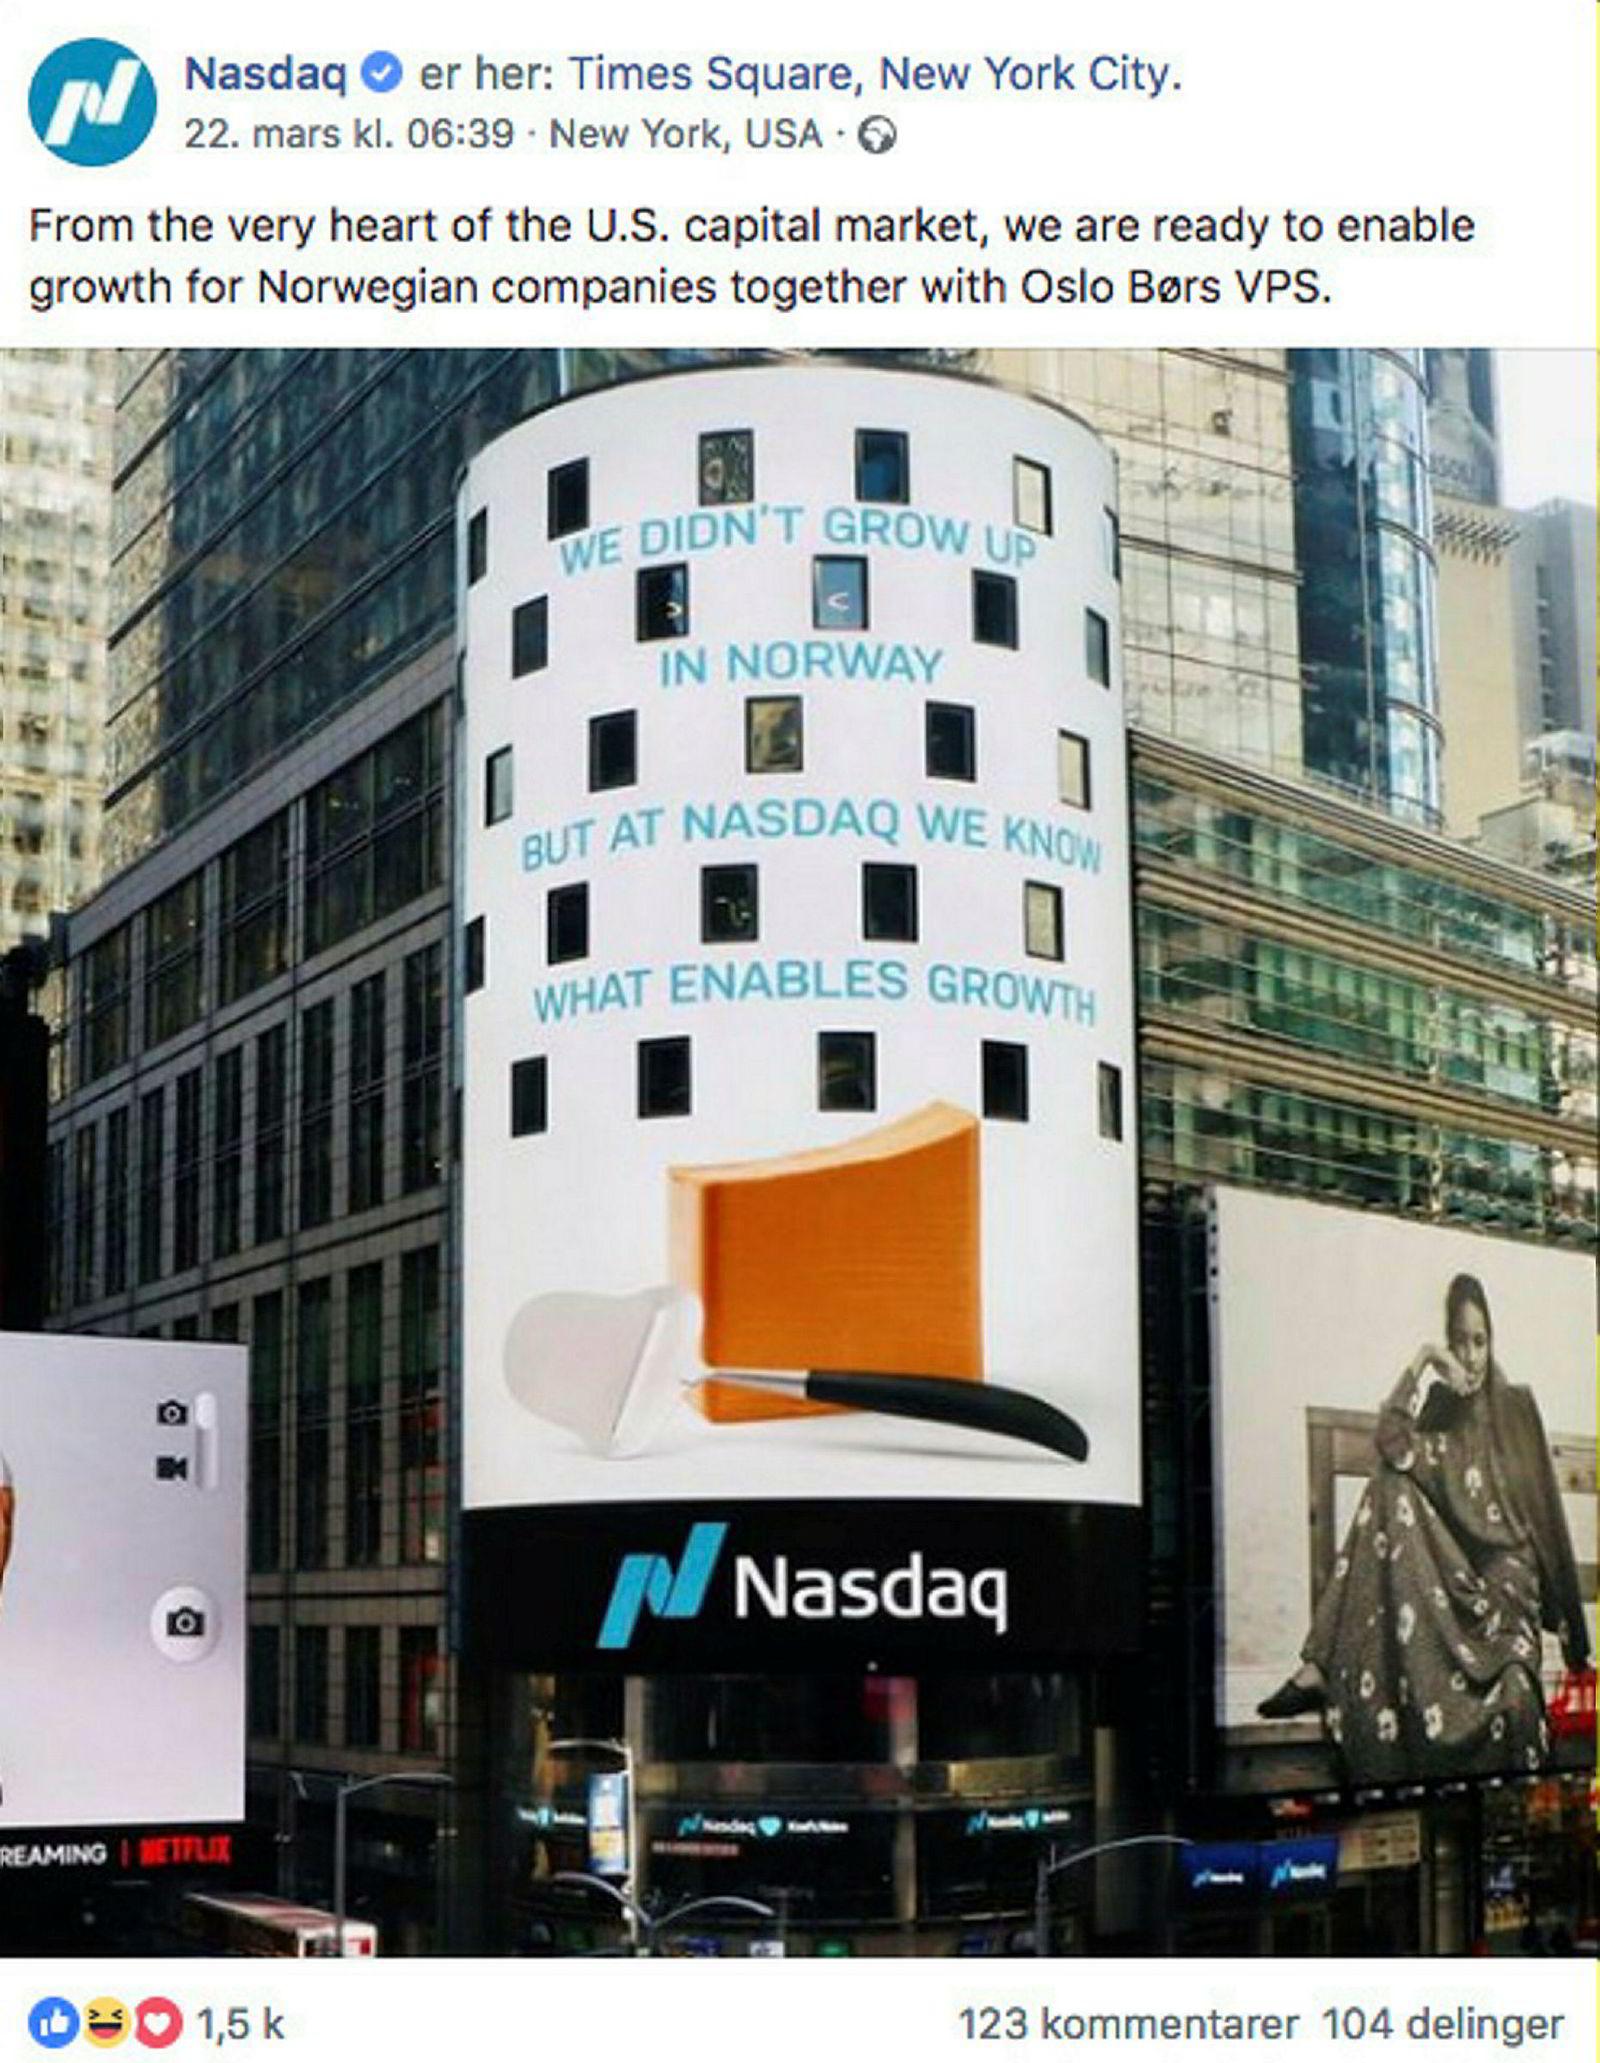 Nasdaq delte før helgen et bilde som tilsynelatende viser at børsgruppen promoterer sitt bud på Oslo Børs VPS på en LCD-skjerm i New York.